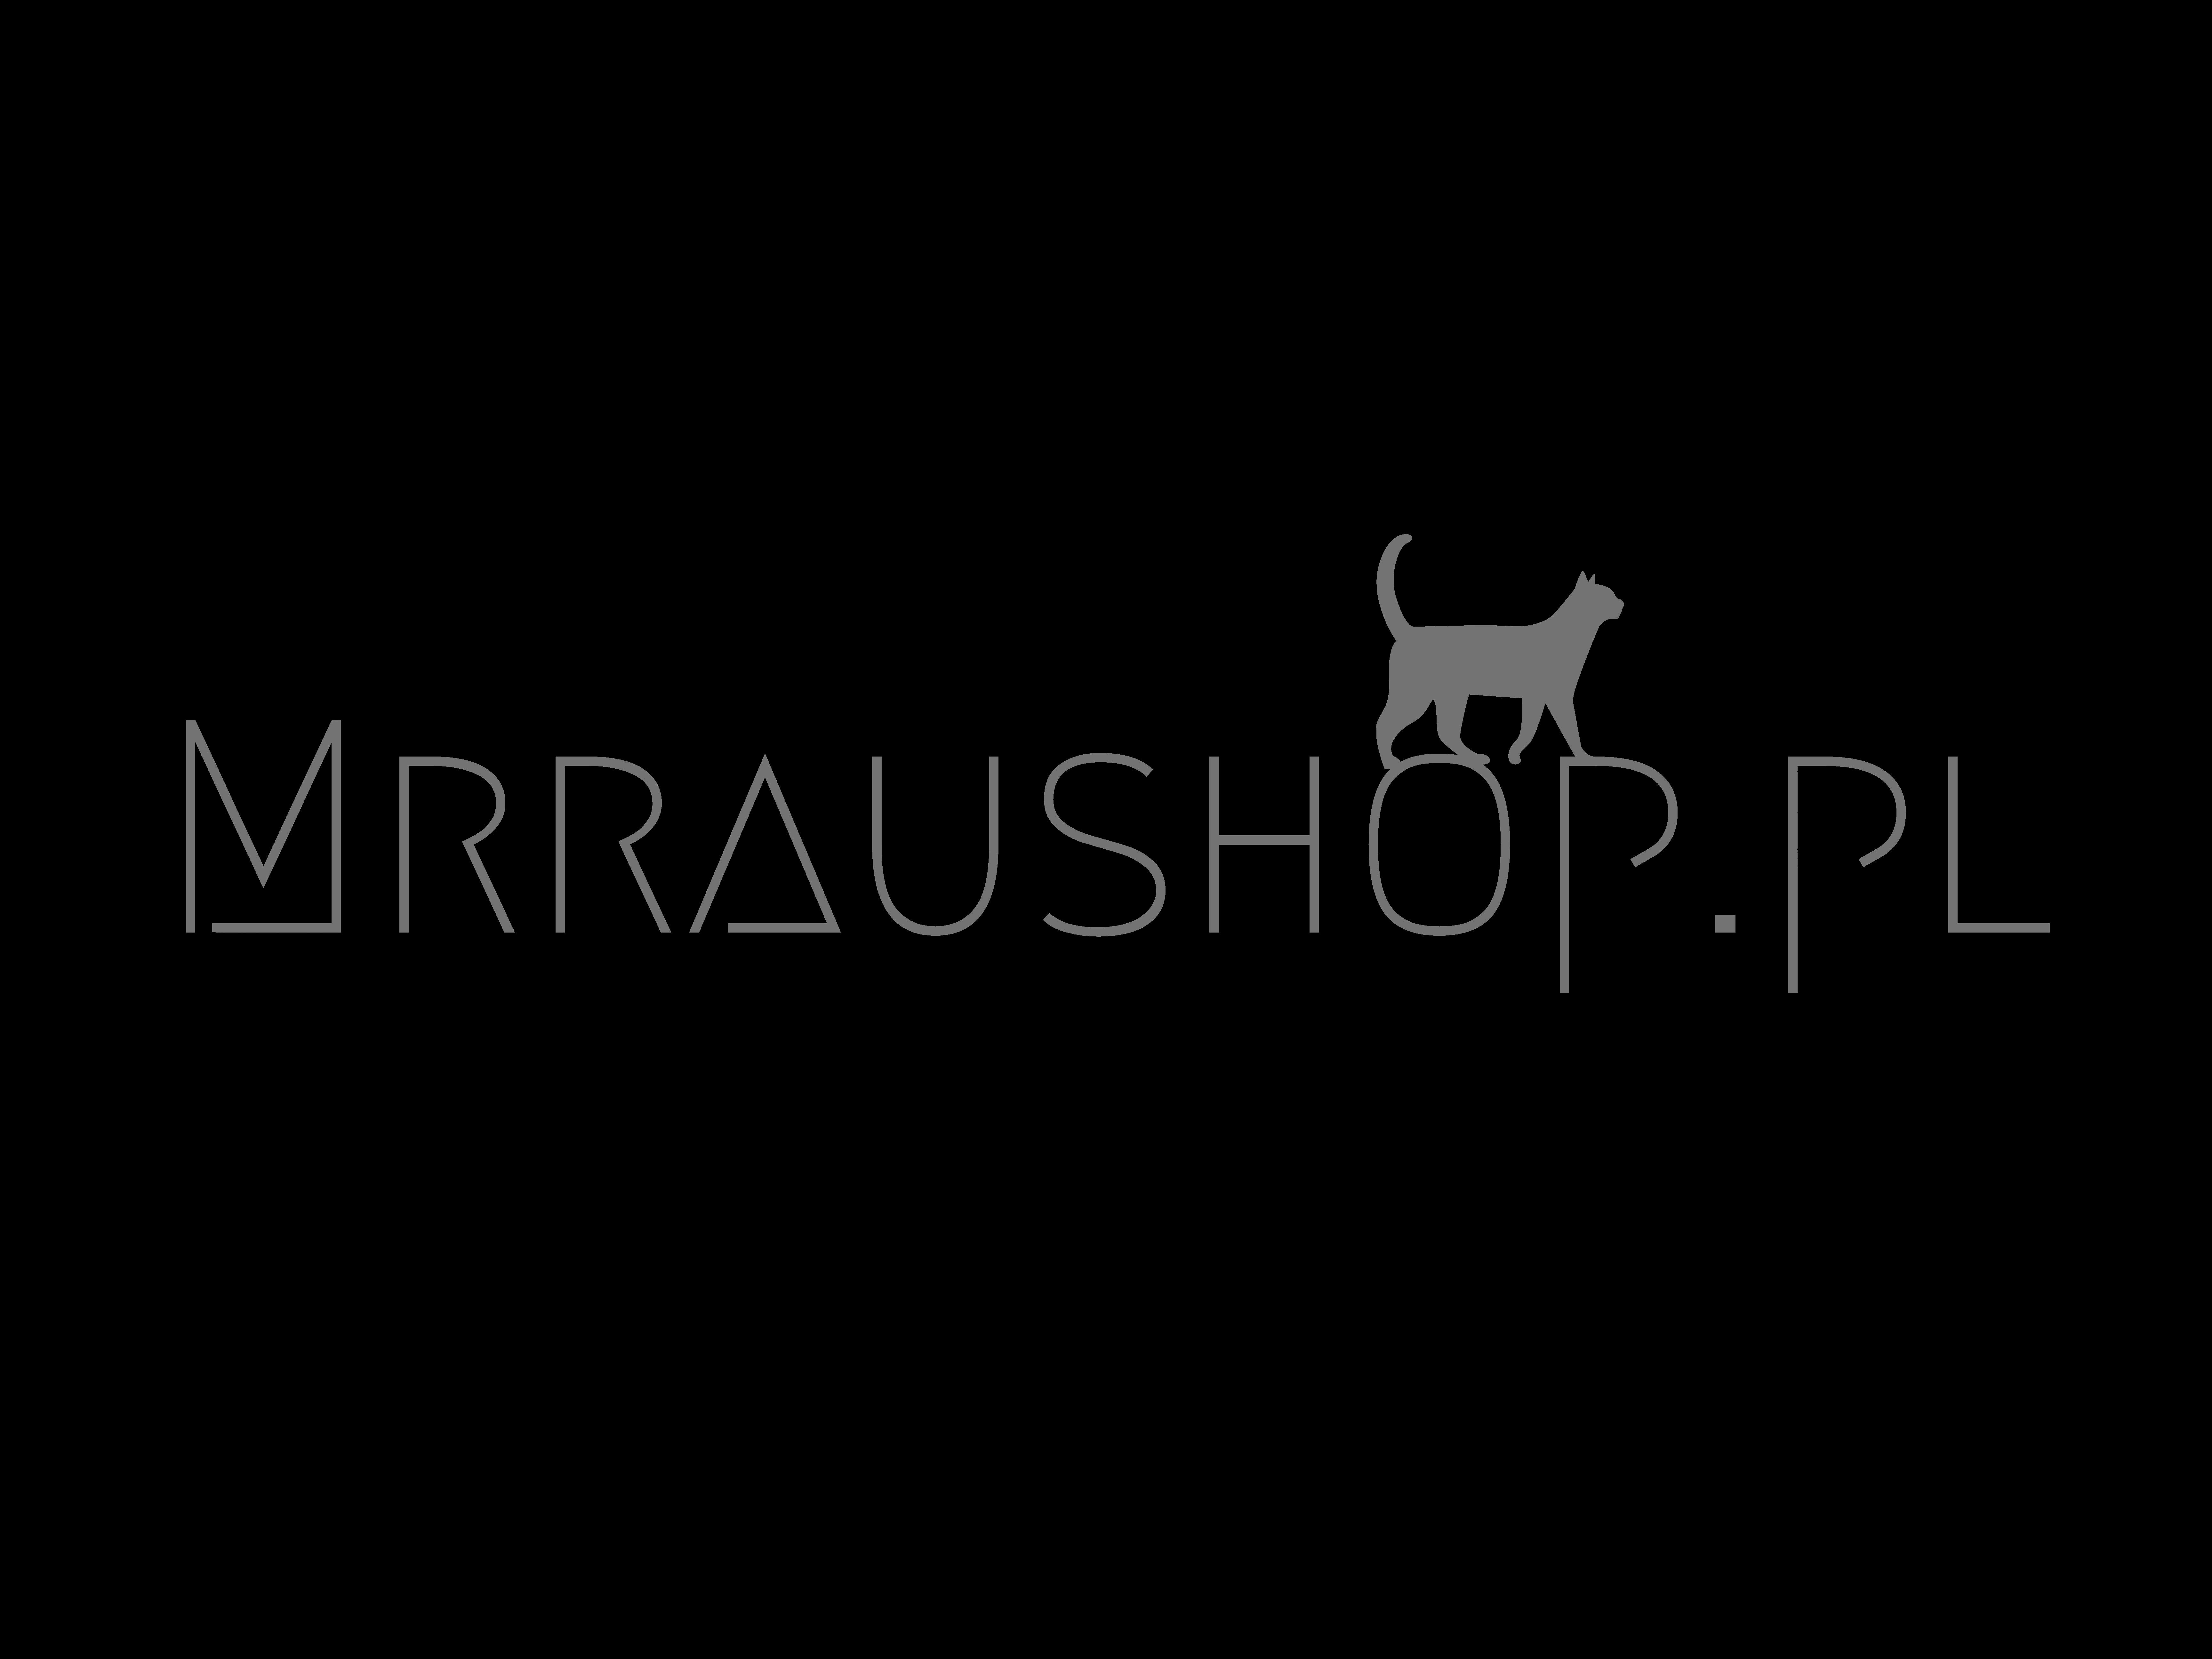 MrraUshop